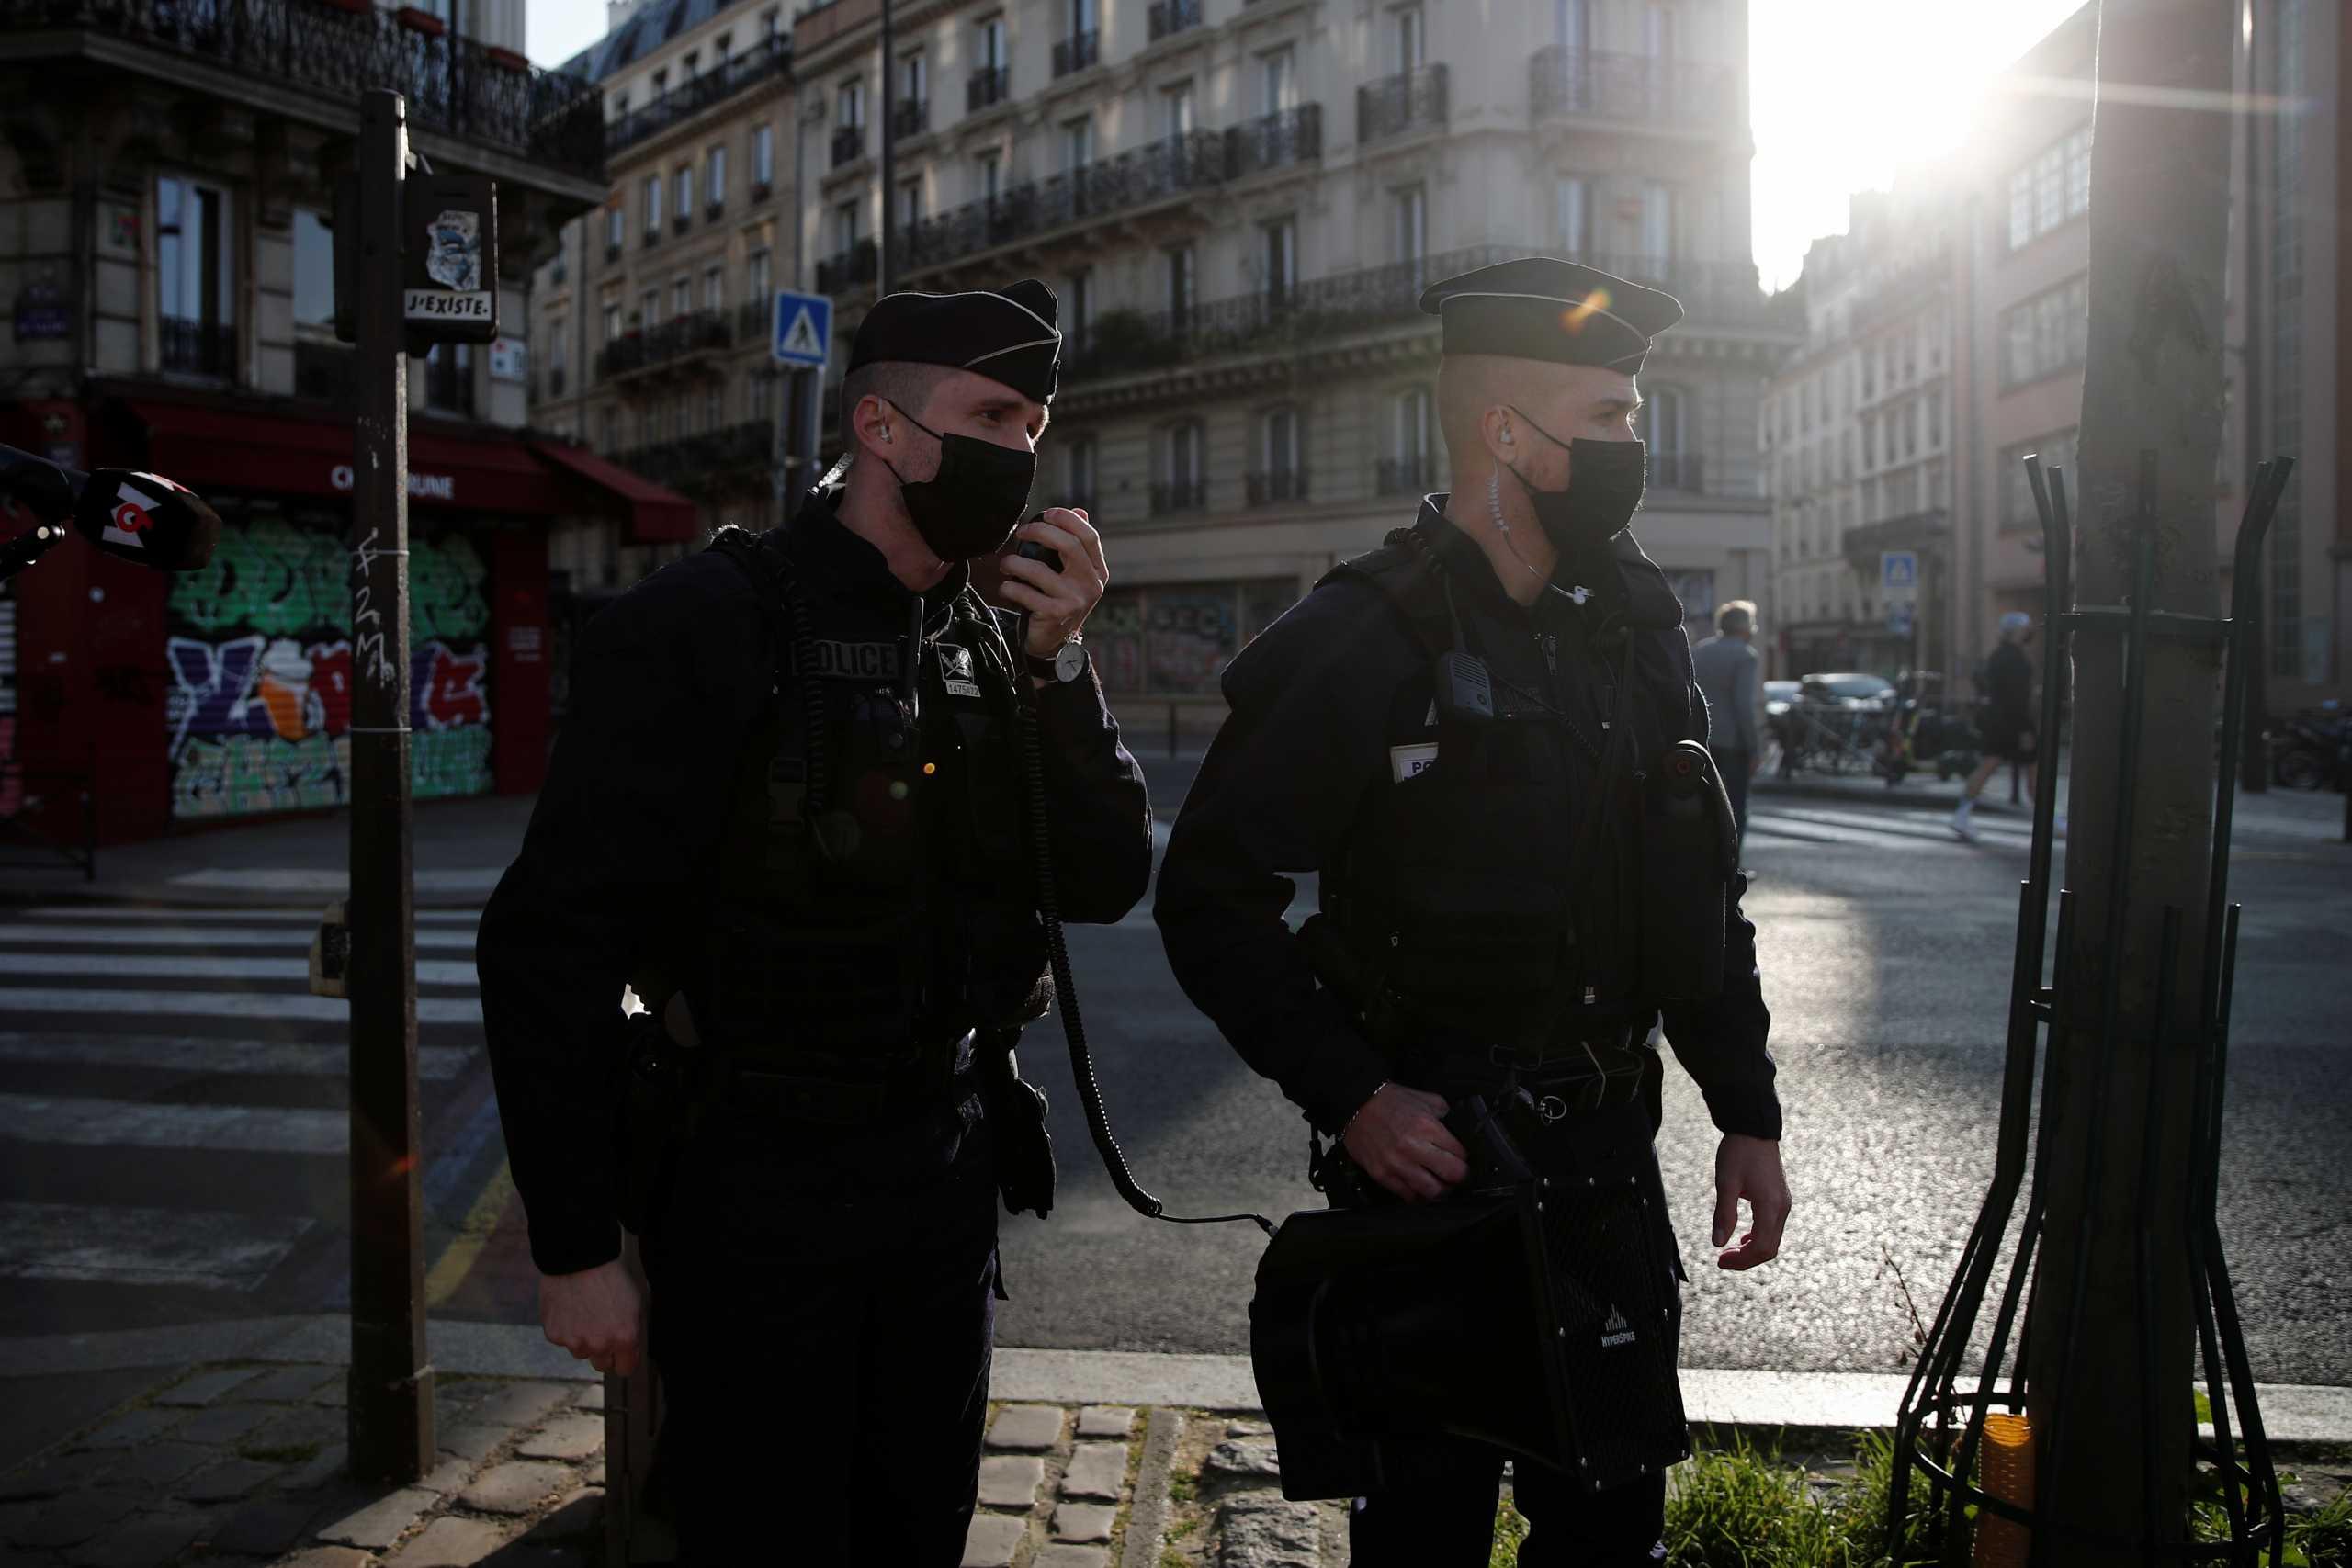 Πυροβολισμοί έξω από νοσοκομείο στο Παρίσι